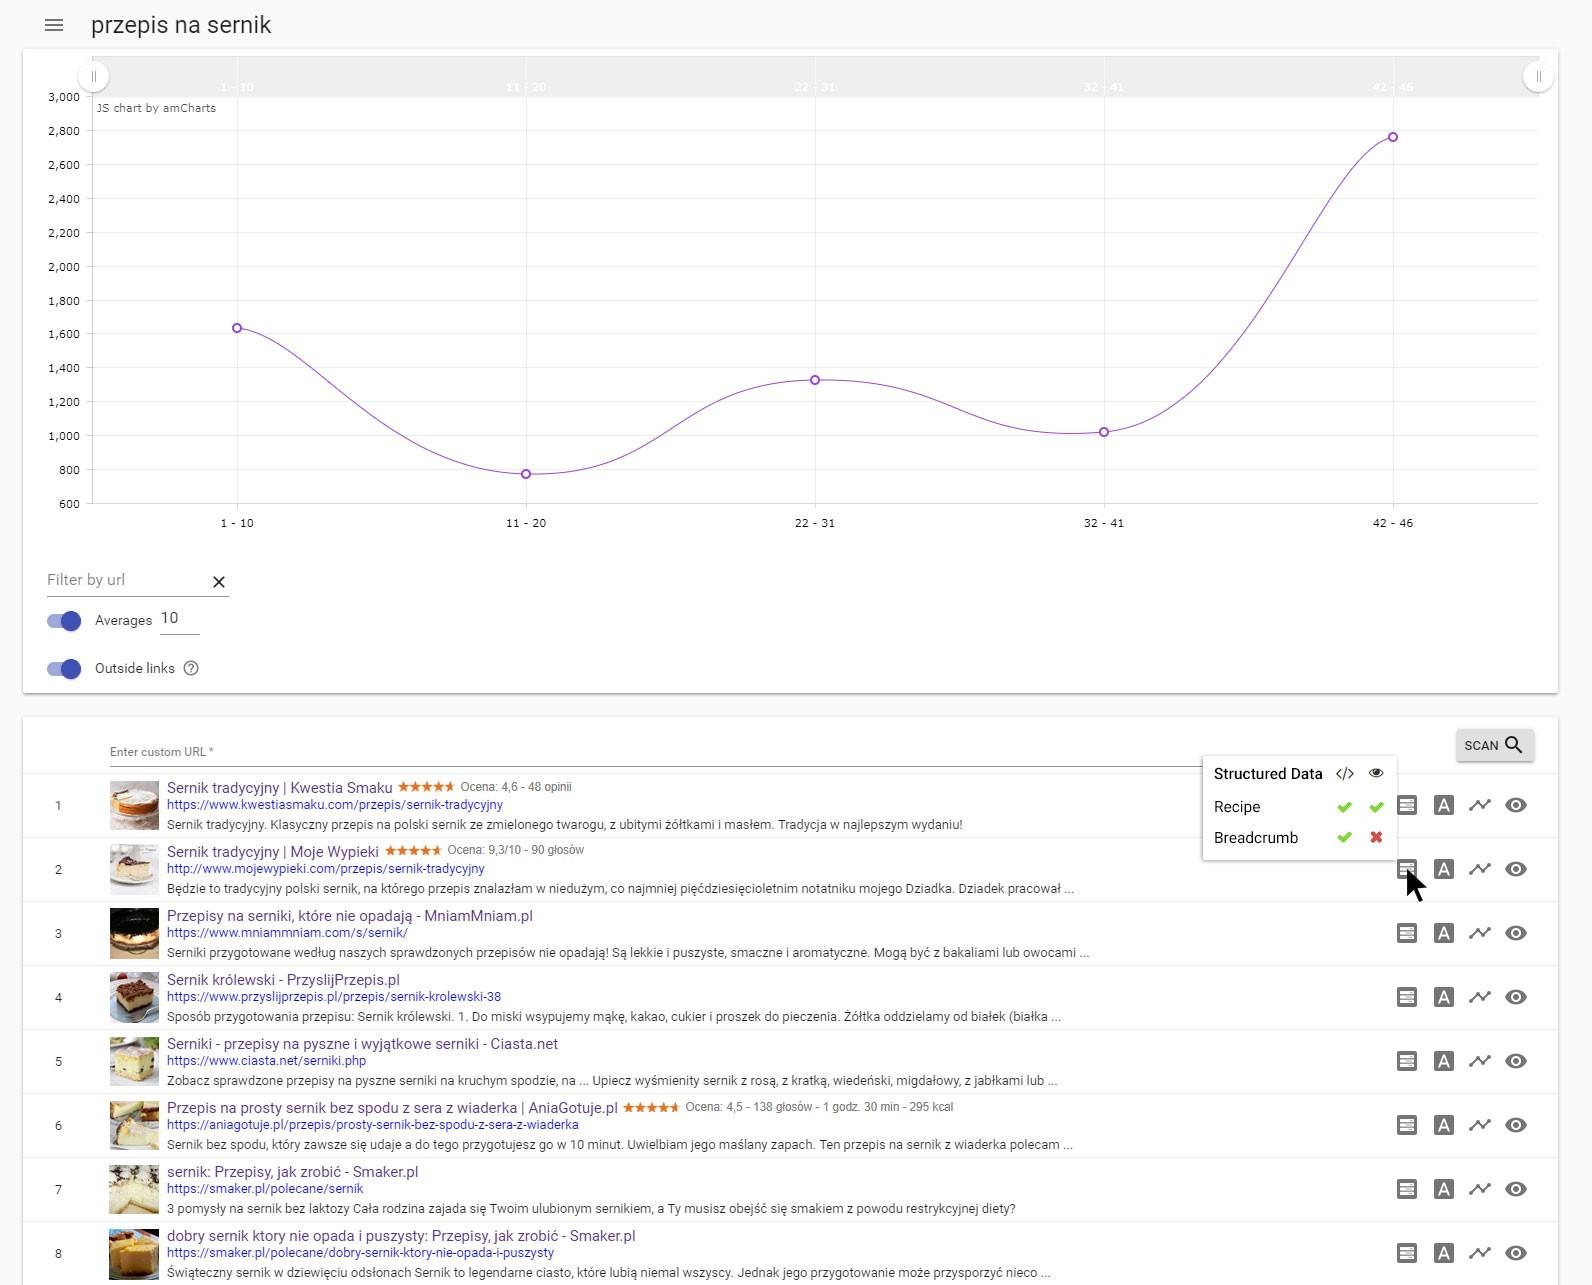 dane strukturalne wartość dla Google i użytkownika